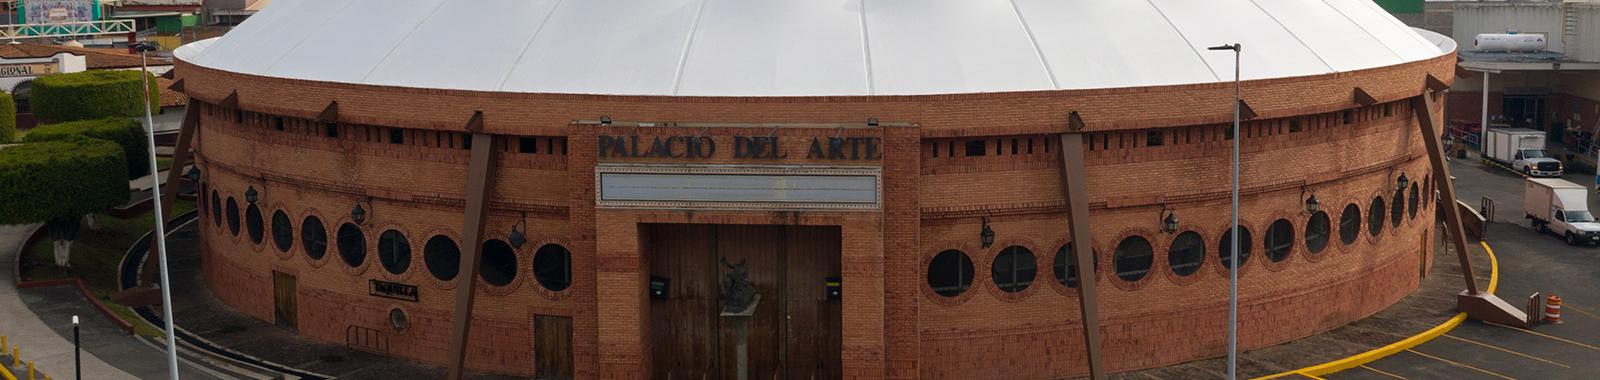 Palacio del Arte